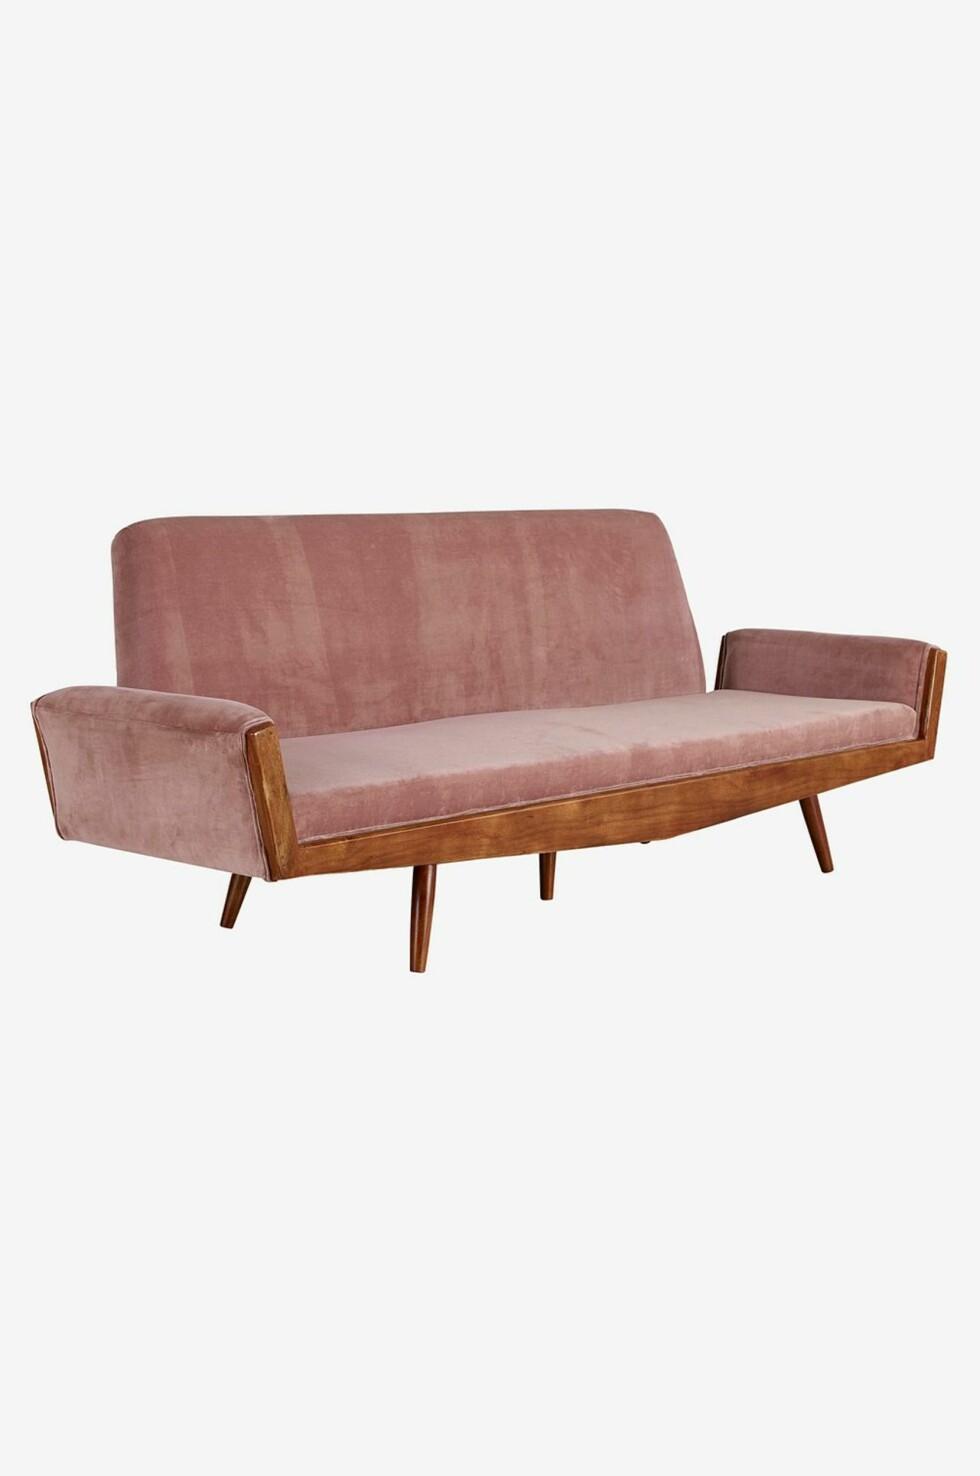 Sofa fra Ellos |7000,-| https://www.ellos.no/ellos-home/sofa-vega-3-seter/1037213-01